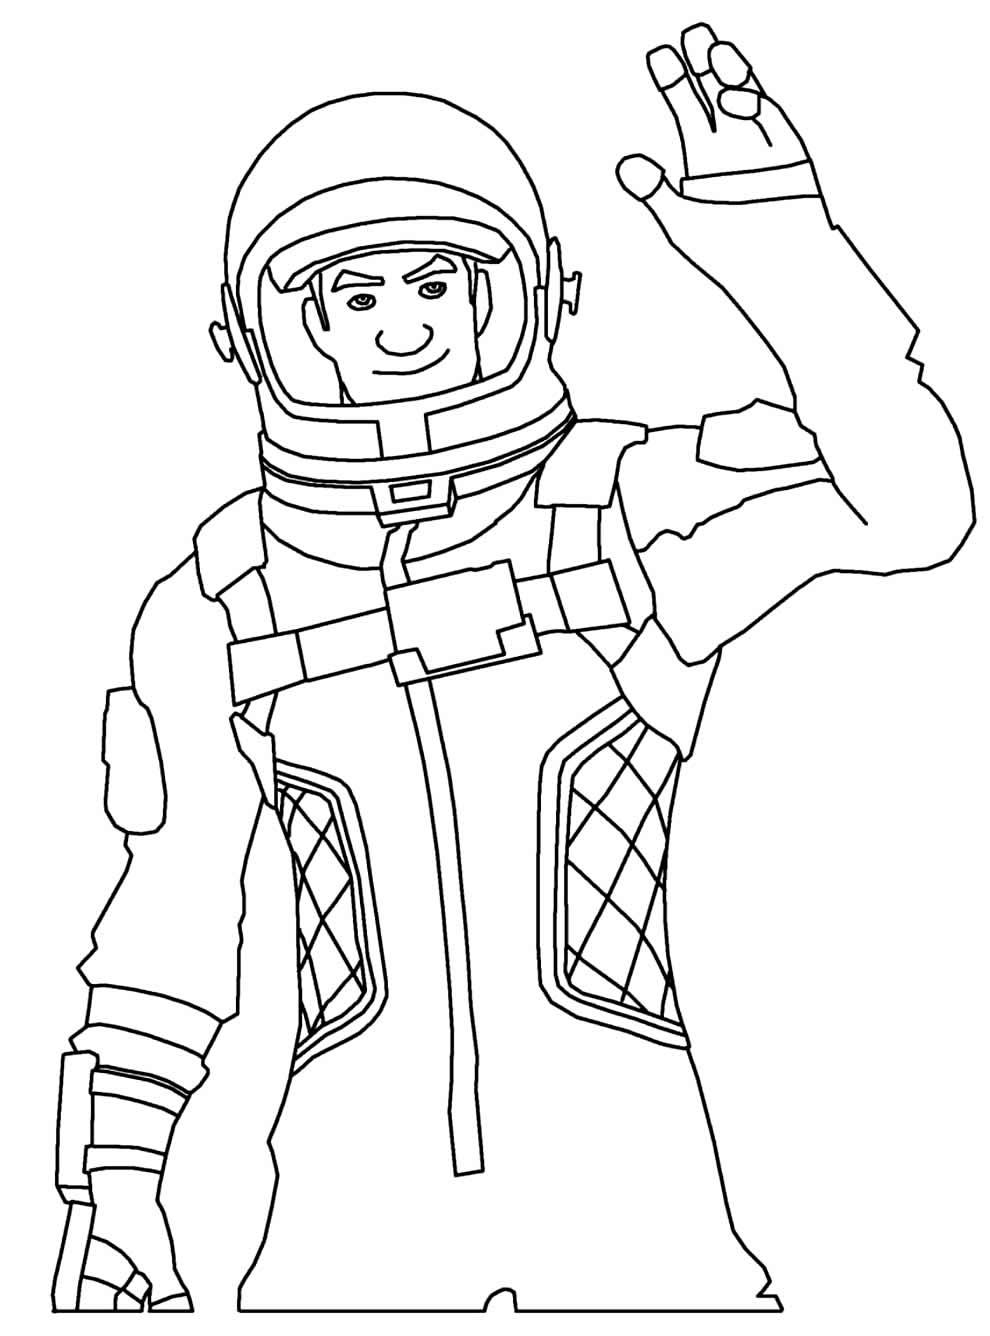 Desenho para colorir de Fortnite